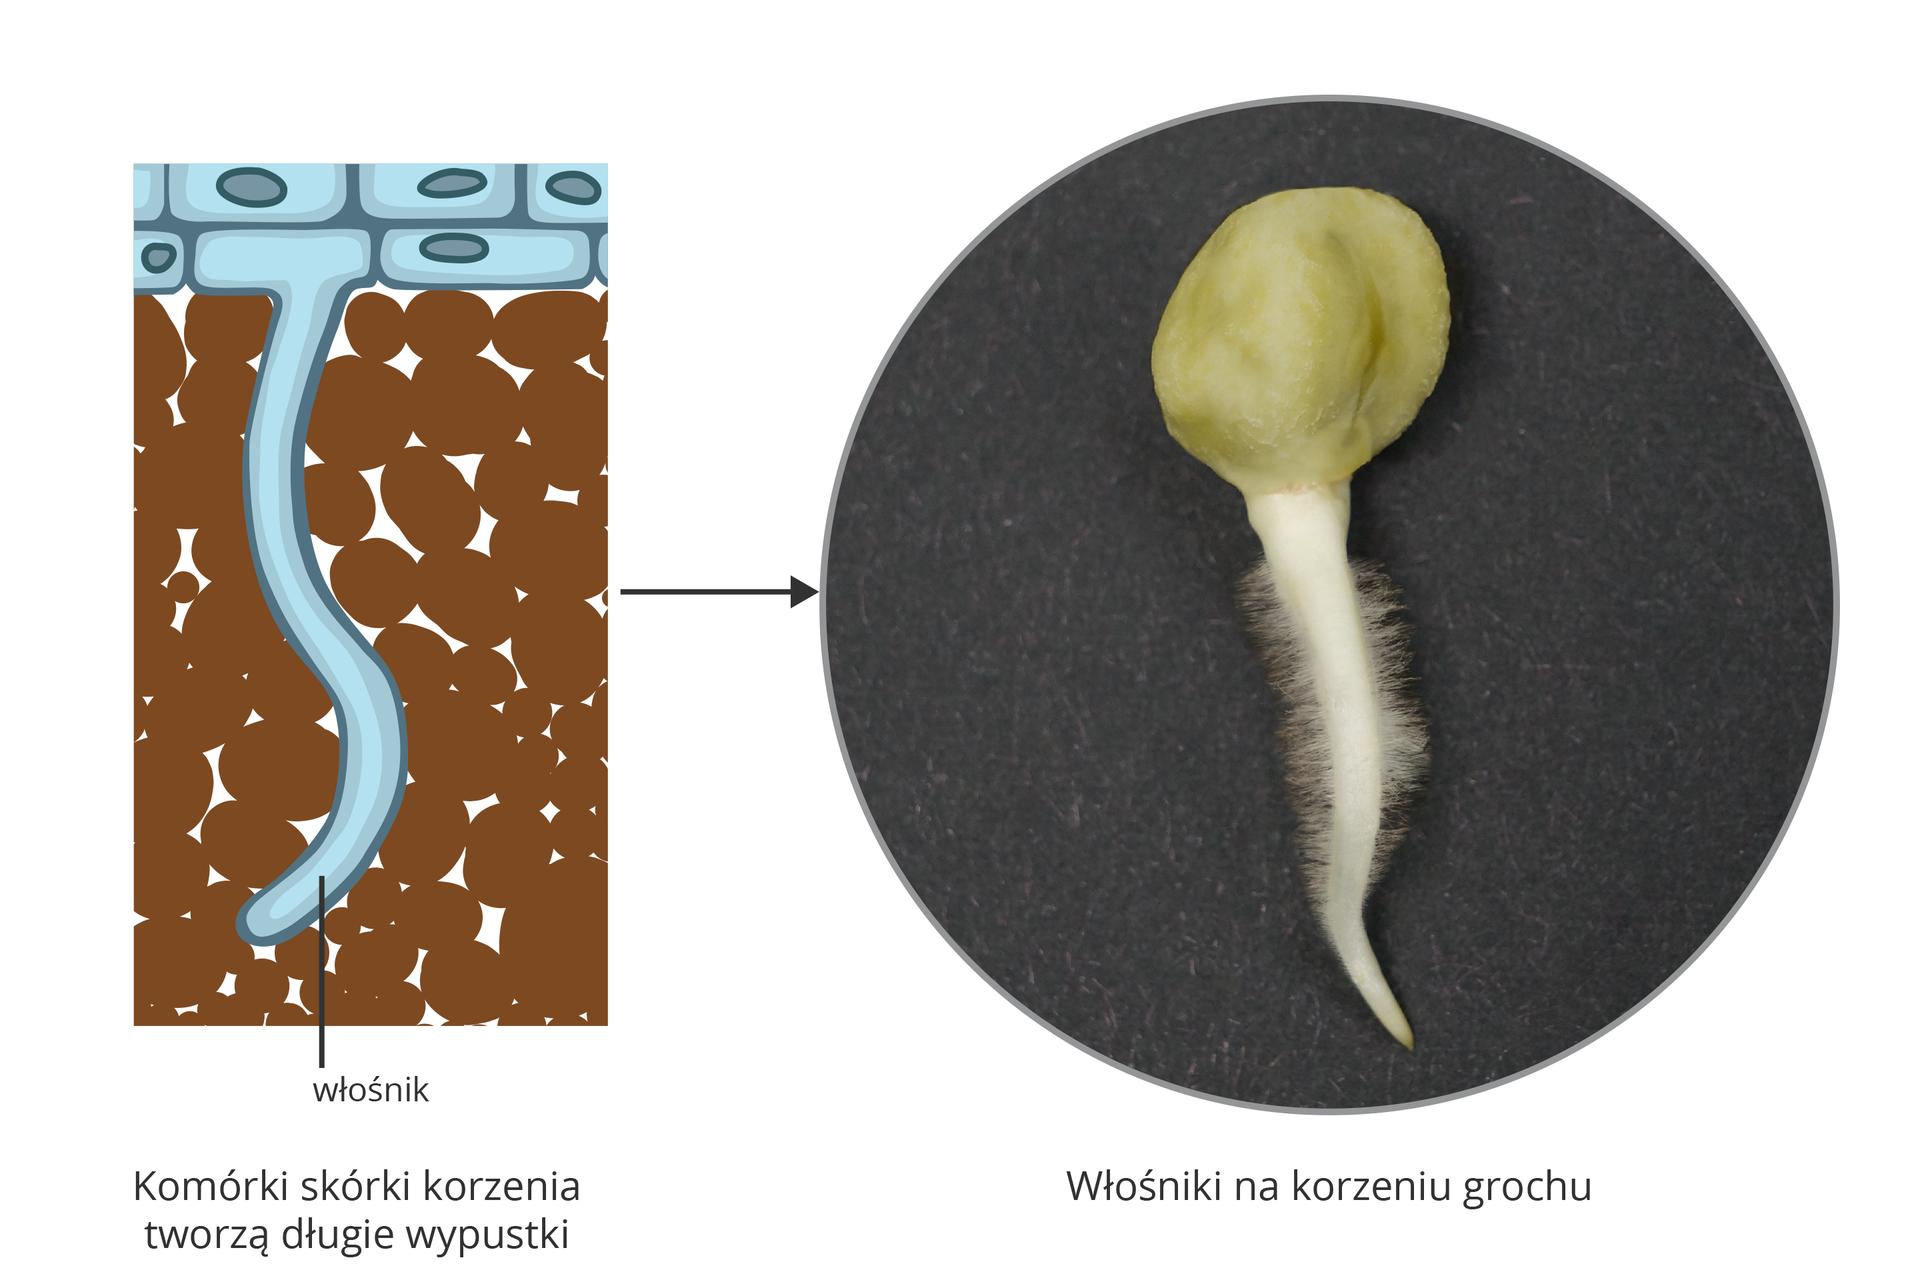 Ilustracja przedstawia po lewej schematycznie przekrój przez wydłużoną komórkę – włośnik, oznaczony kolorem błękitnym. Wciska się on pomiędzy brązowe grudki gleby. Po prawej fotografia mikroskopowa białego korzonka zlicznymi włośnikami.